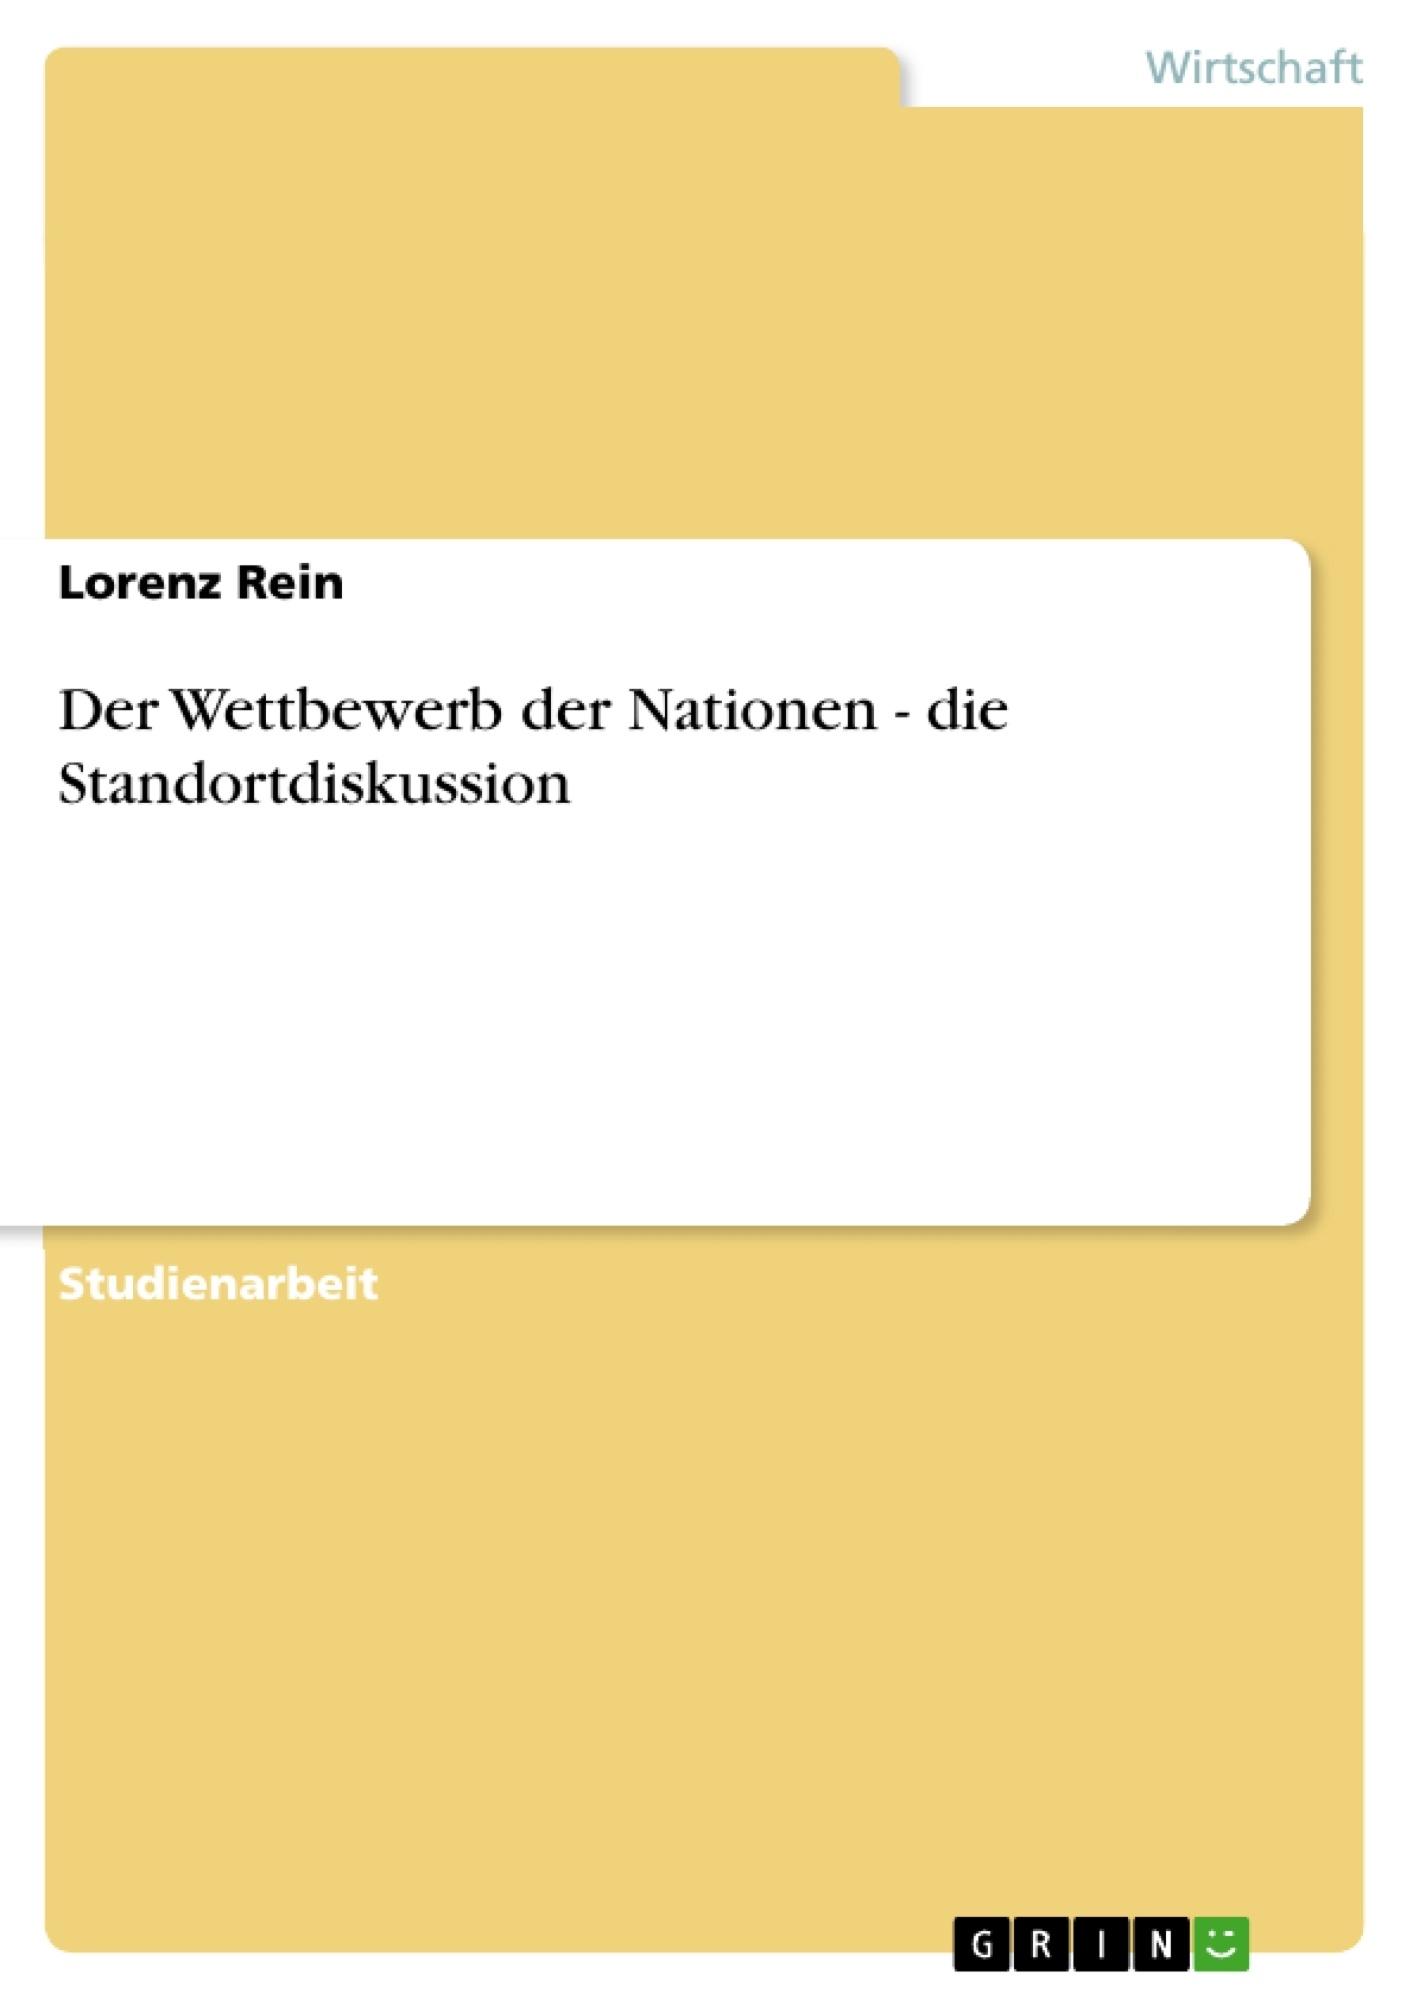 Titel: Der Wettbewerb der Nationen - die Standortdiskussion